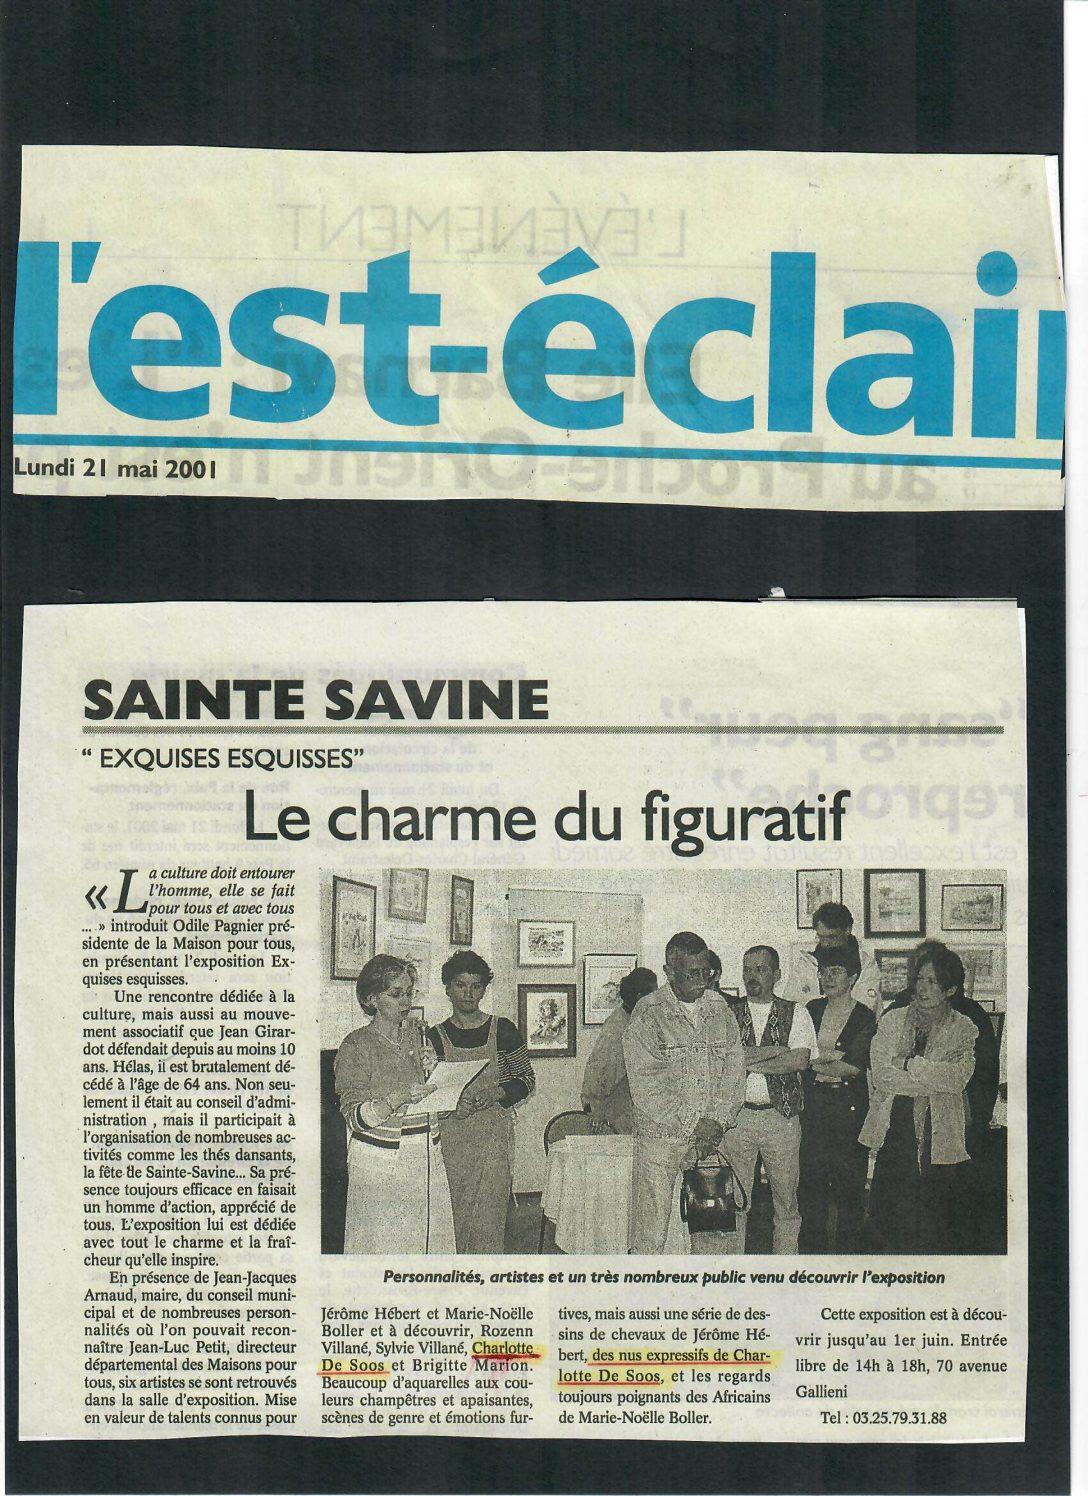 Article sur l'exposition à Sainte Savine